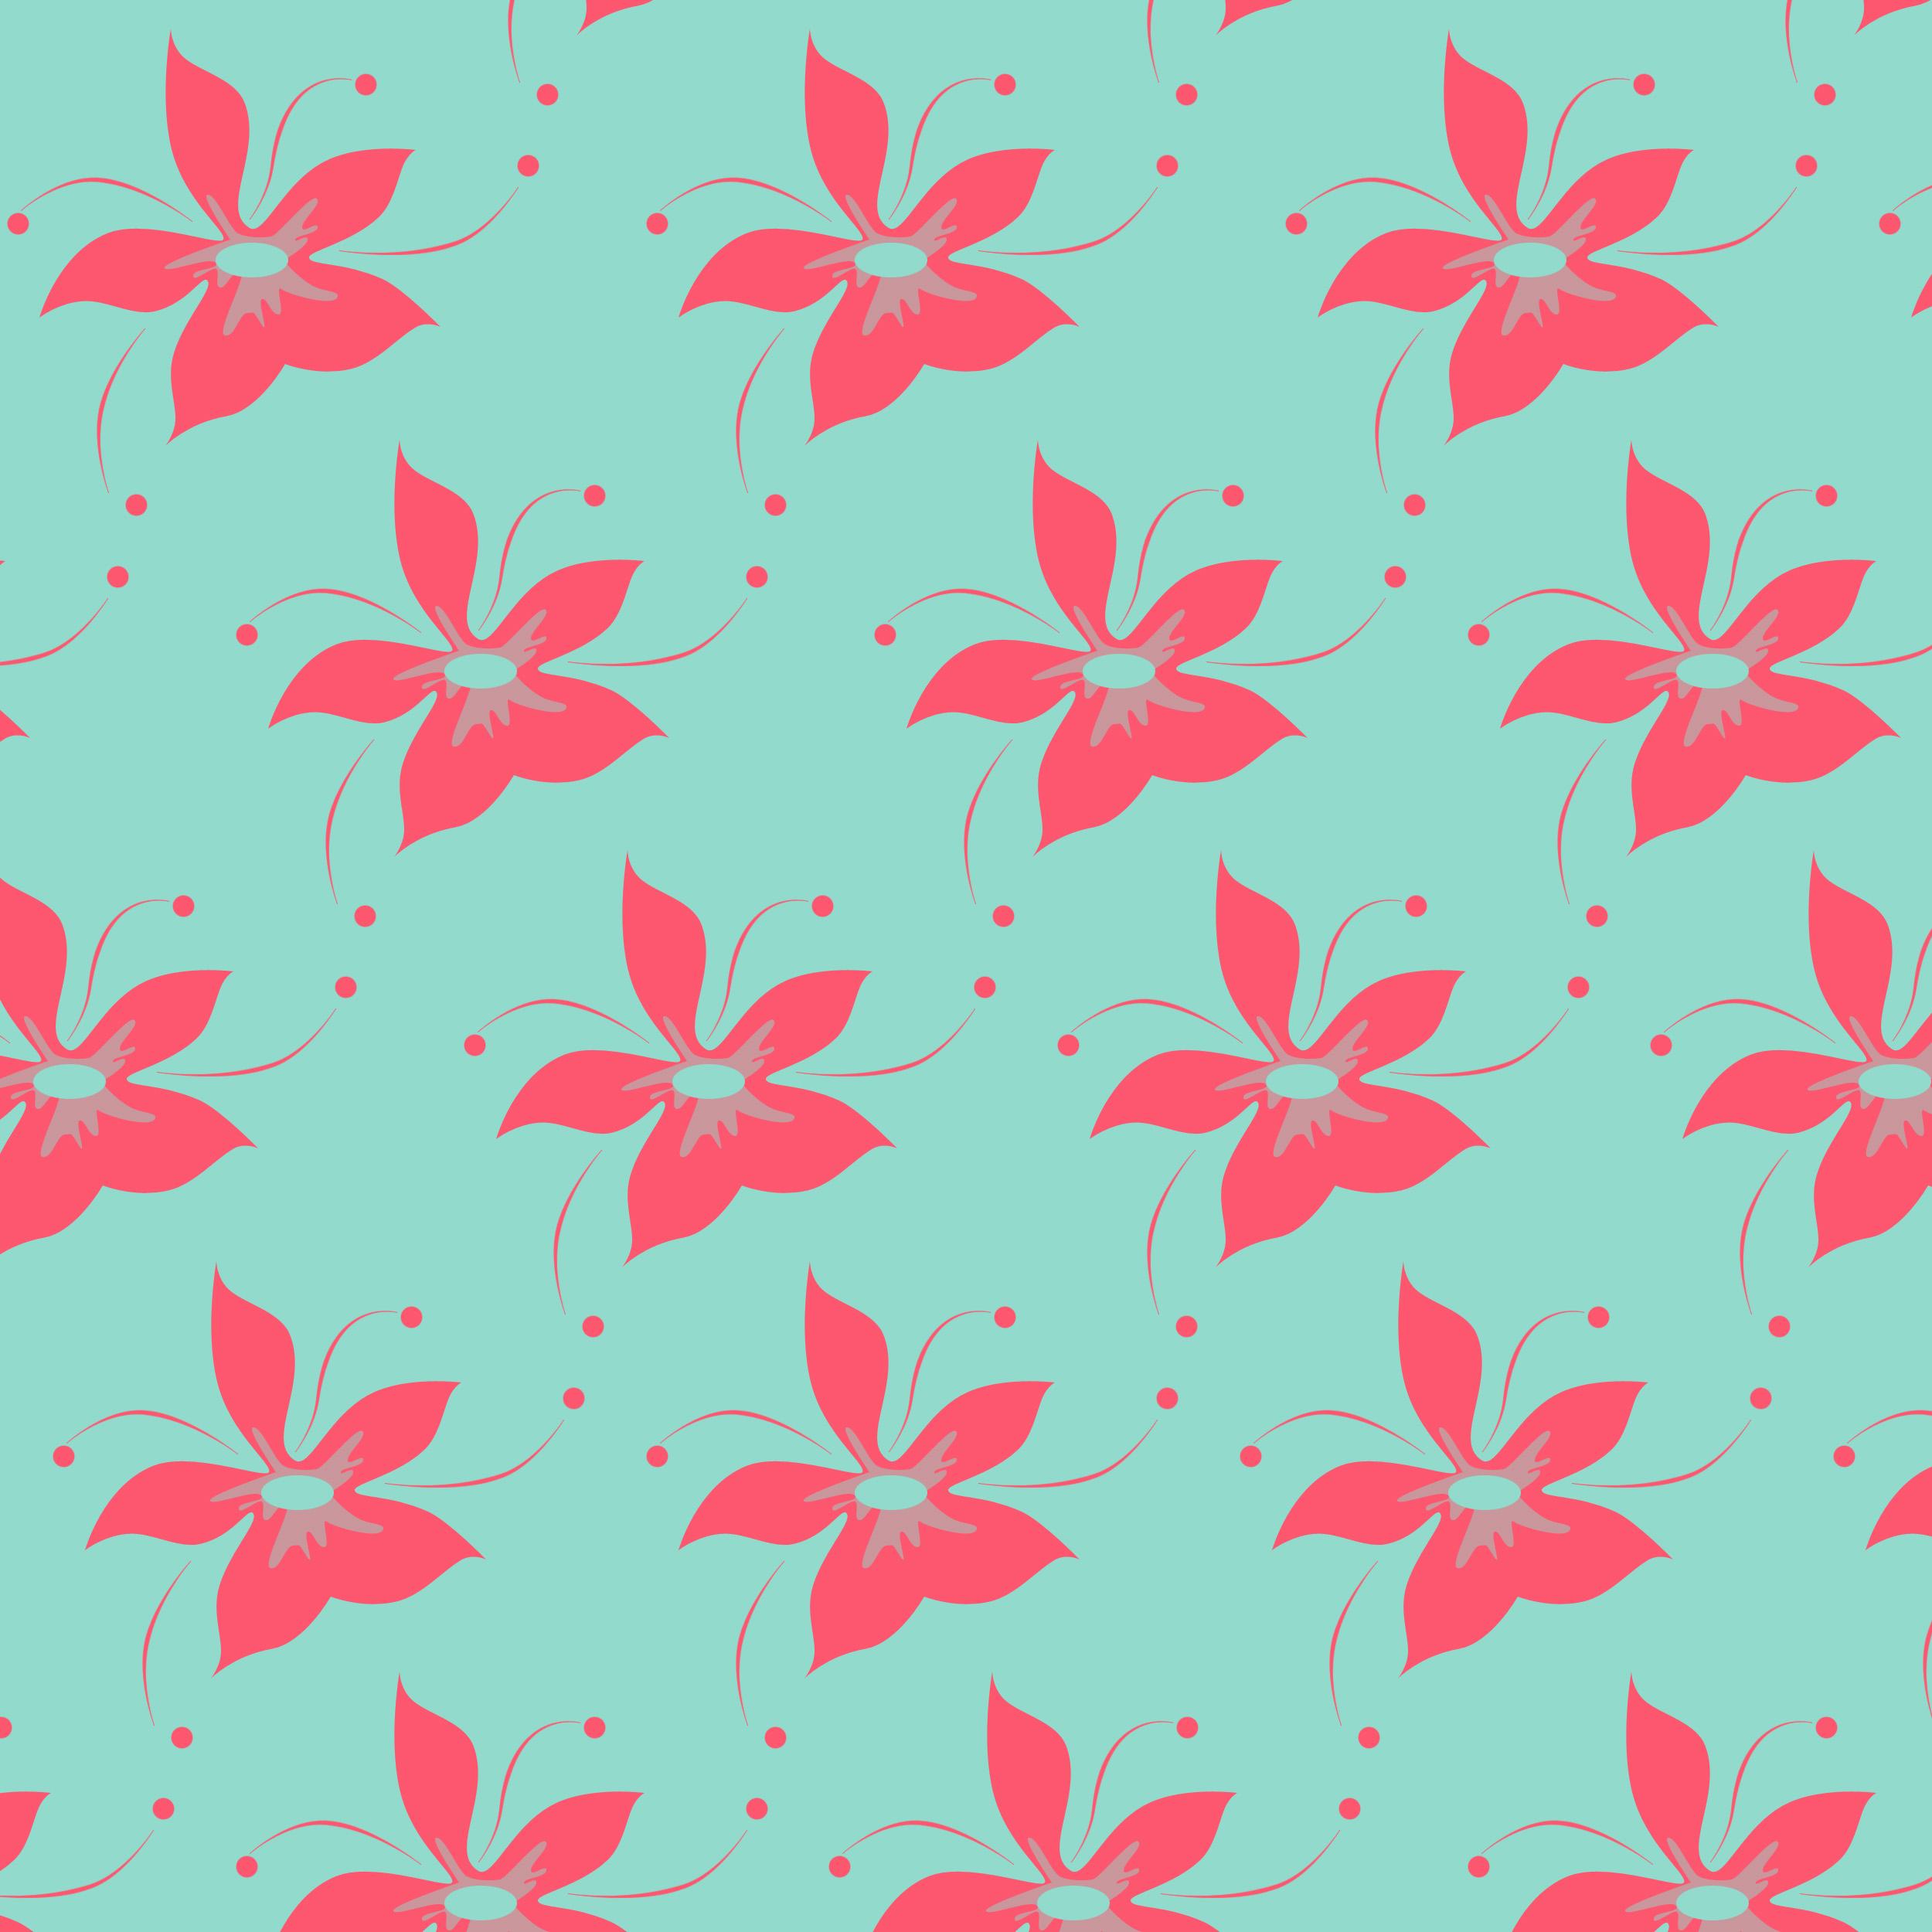 tous les jours une petite suite aux papiers fleurs babanew. Black Bedroom Furniture Sets. Home Design Ideas